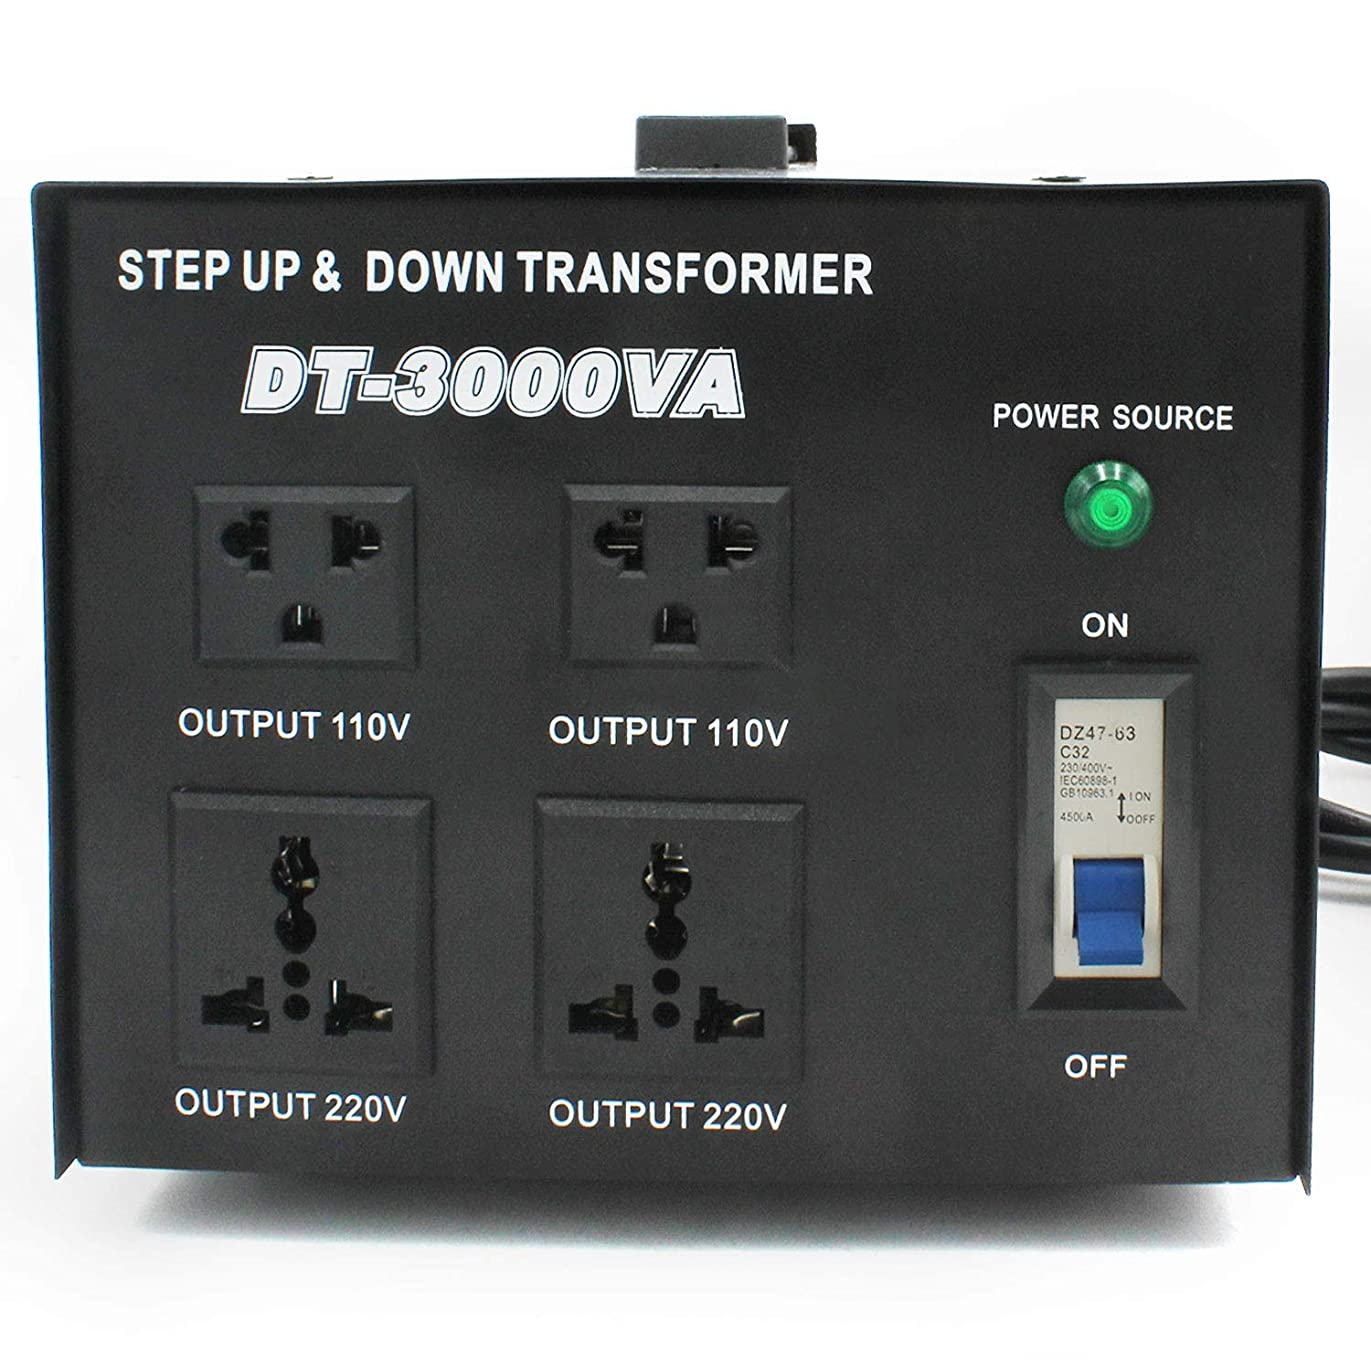 LVYUAN(リョクエン)アップトランス ダウントランス【電圧安定装置】【 海外機器対応 変圧器】【220V地域向け/3000W】DT-3000VA トランスターユニバーサル 100/110 Volt - 220/240 Volt